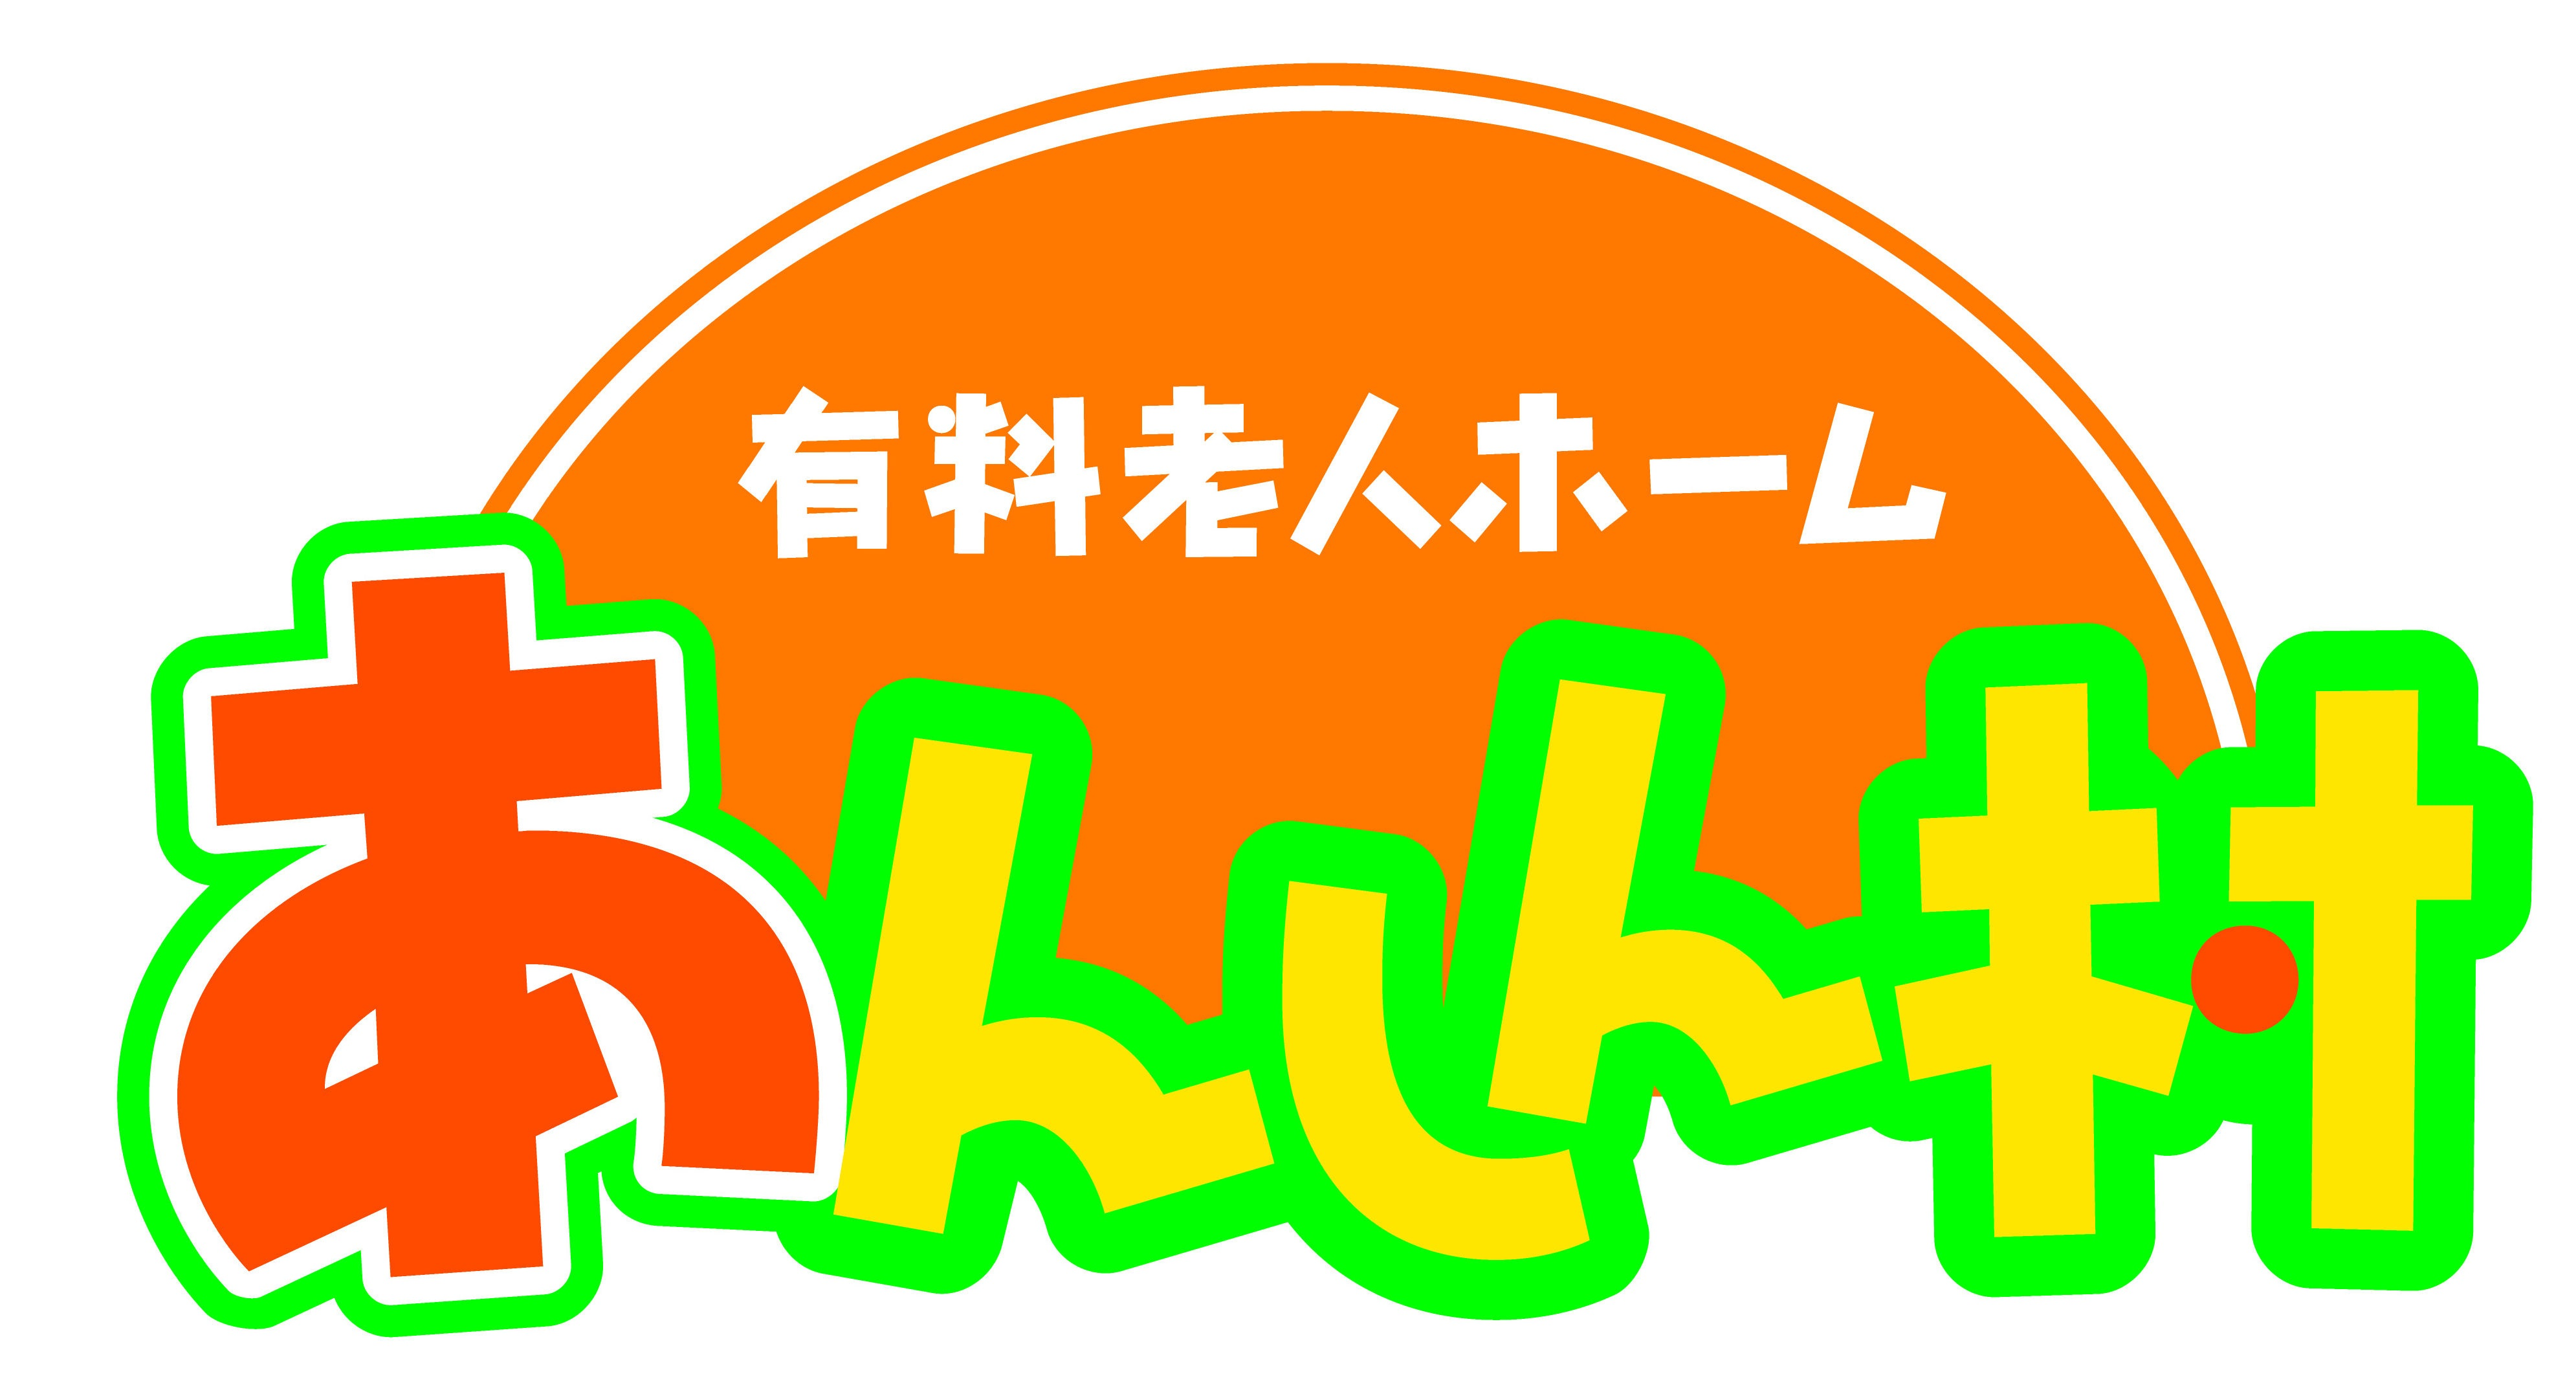 あんしん村グループは福井市北四ツ居で、終身介護付・カフェ付有料老人ホームあんしん村と、お子様連れOKカフェあんのん、車いすOKあんしん村介護タクシーを運営しています。